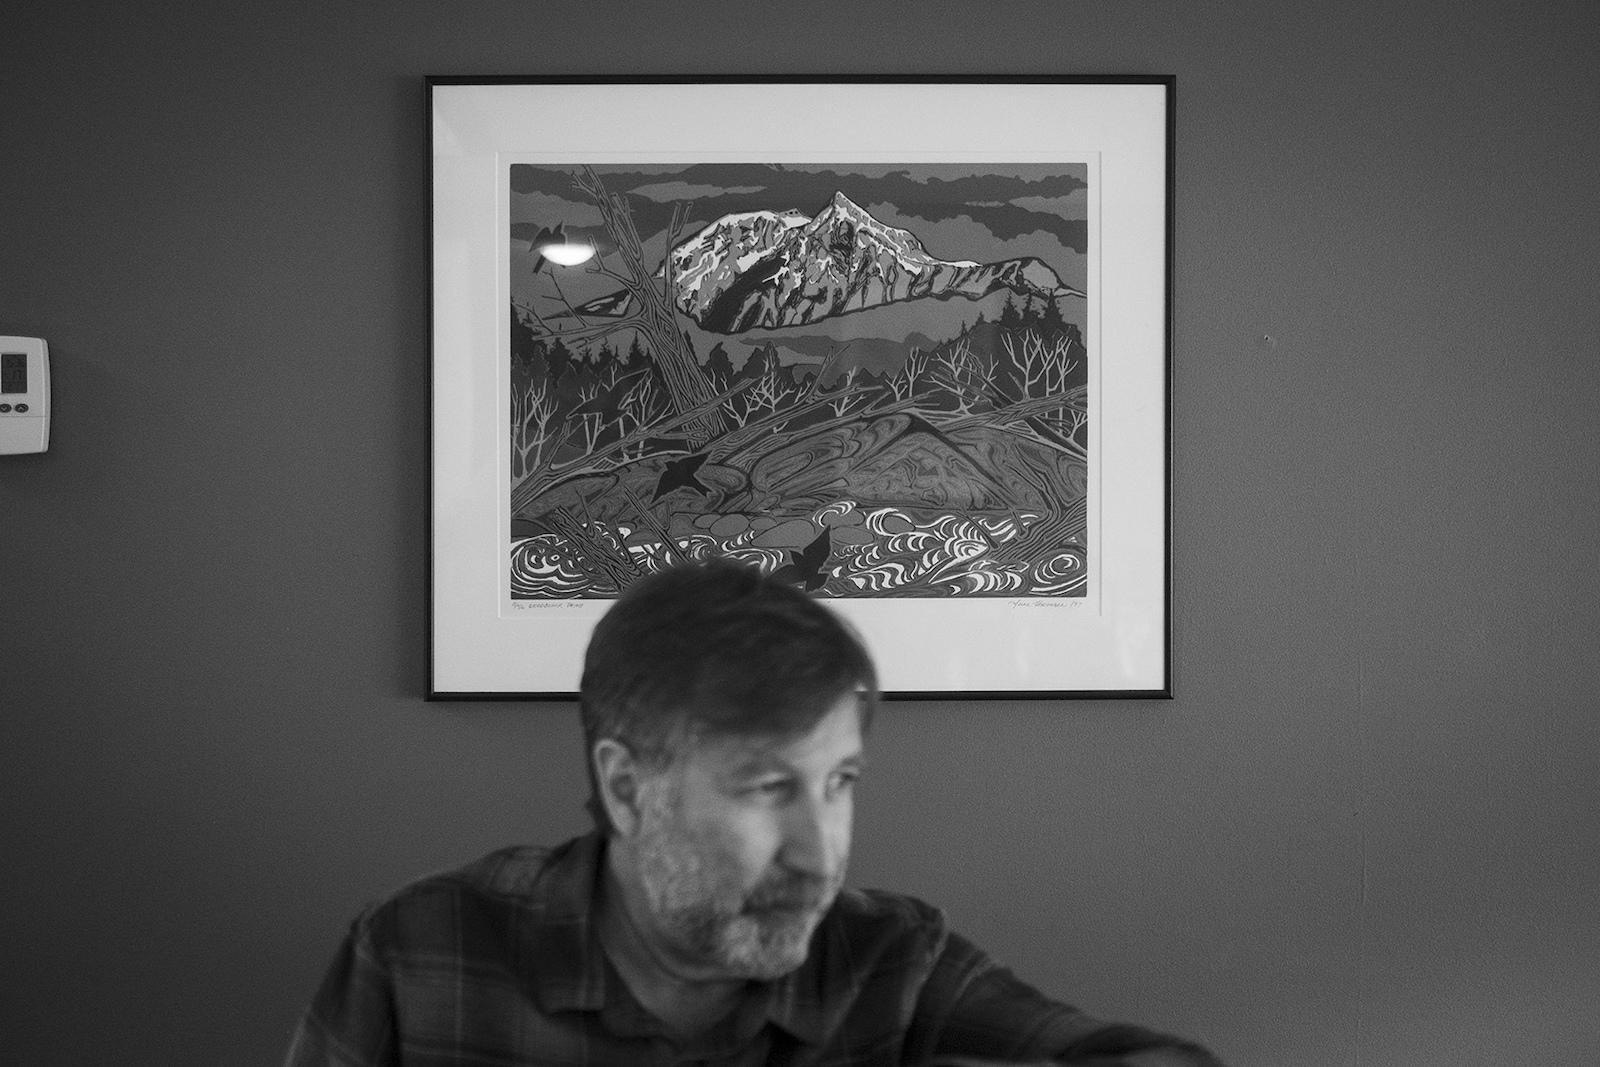 Ron Goldstone in Squamish British Columbia Canada